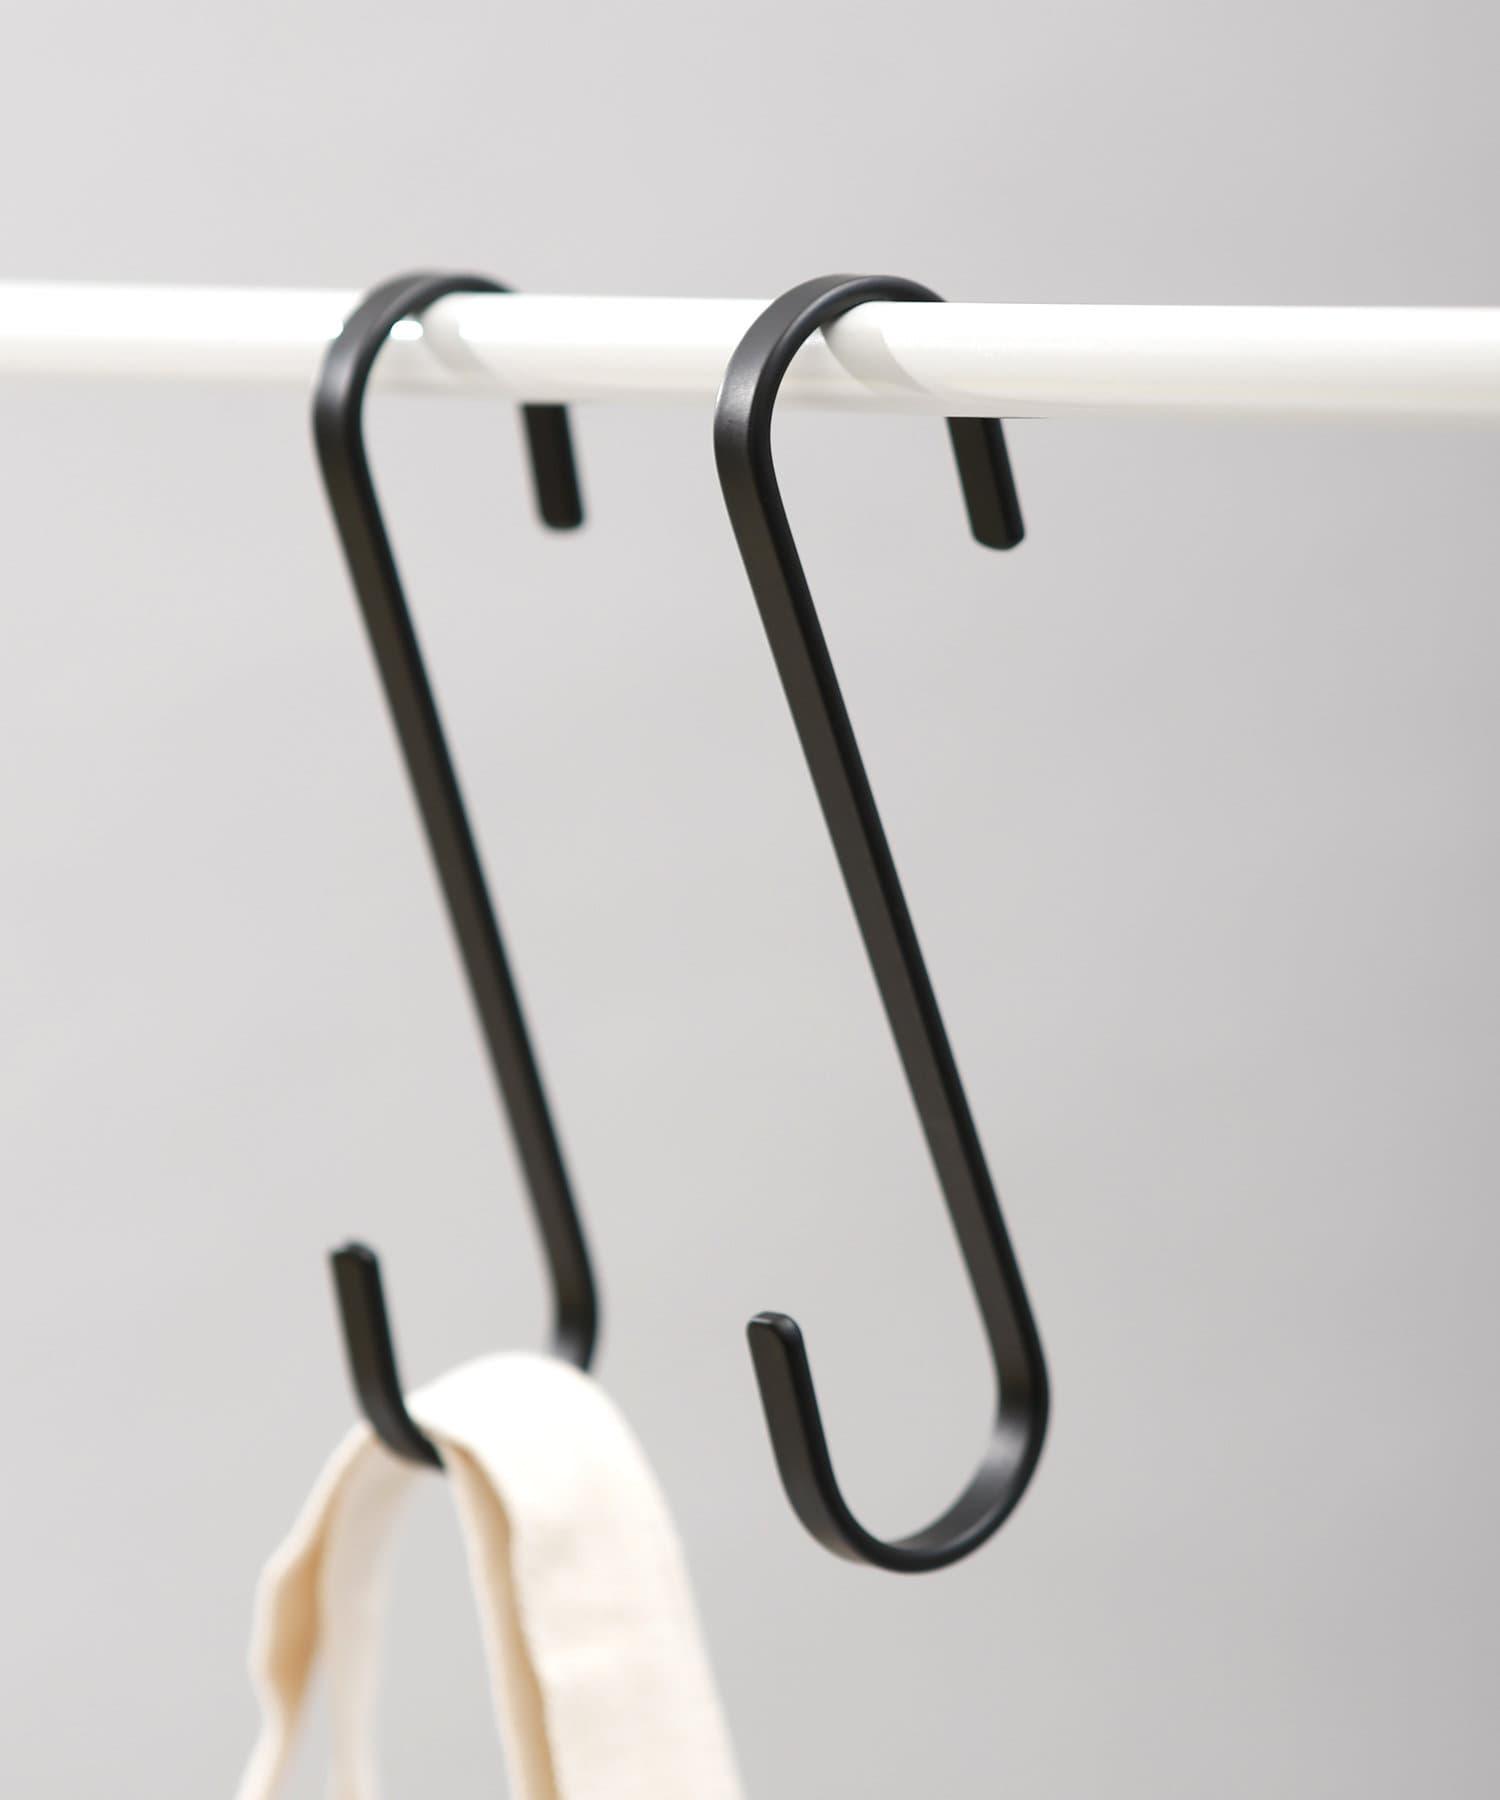 ASOKO(アソコ) ライフスタイル 【ASOKO GOOD STANDARD】シンプルS字フック2個セット ブラック